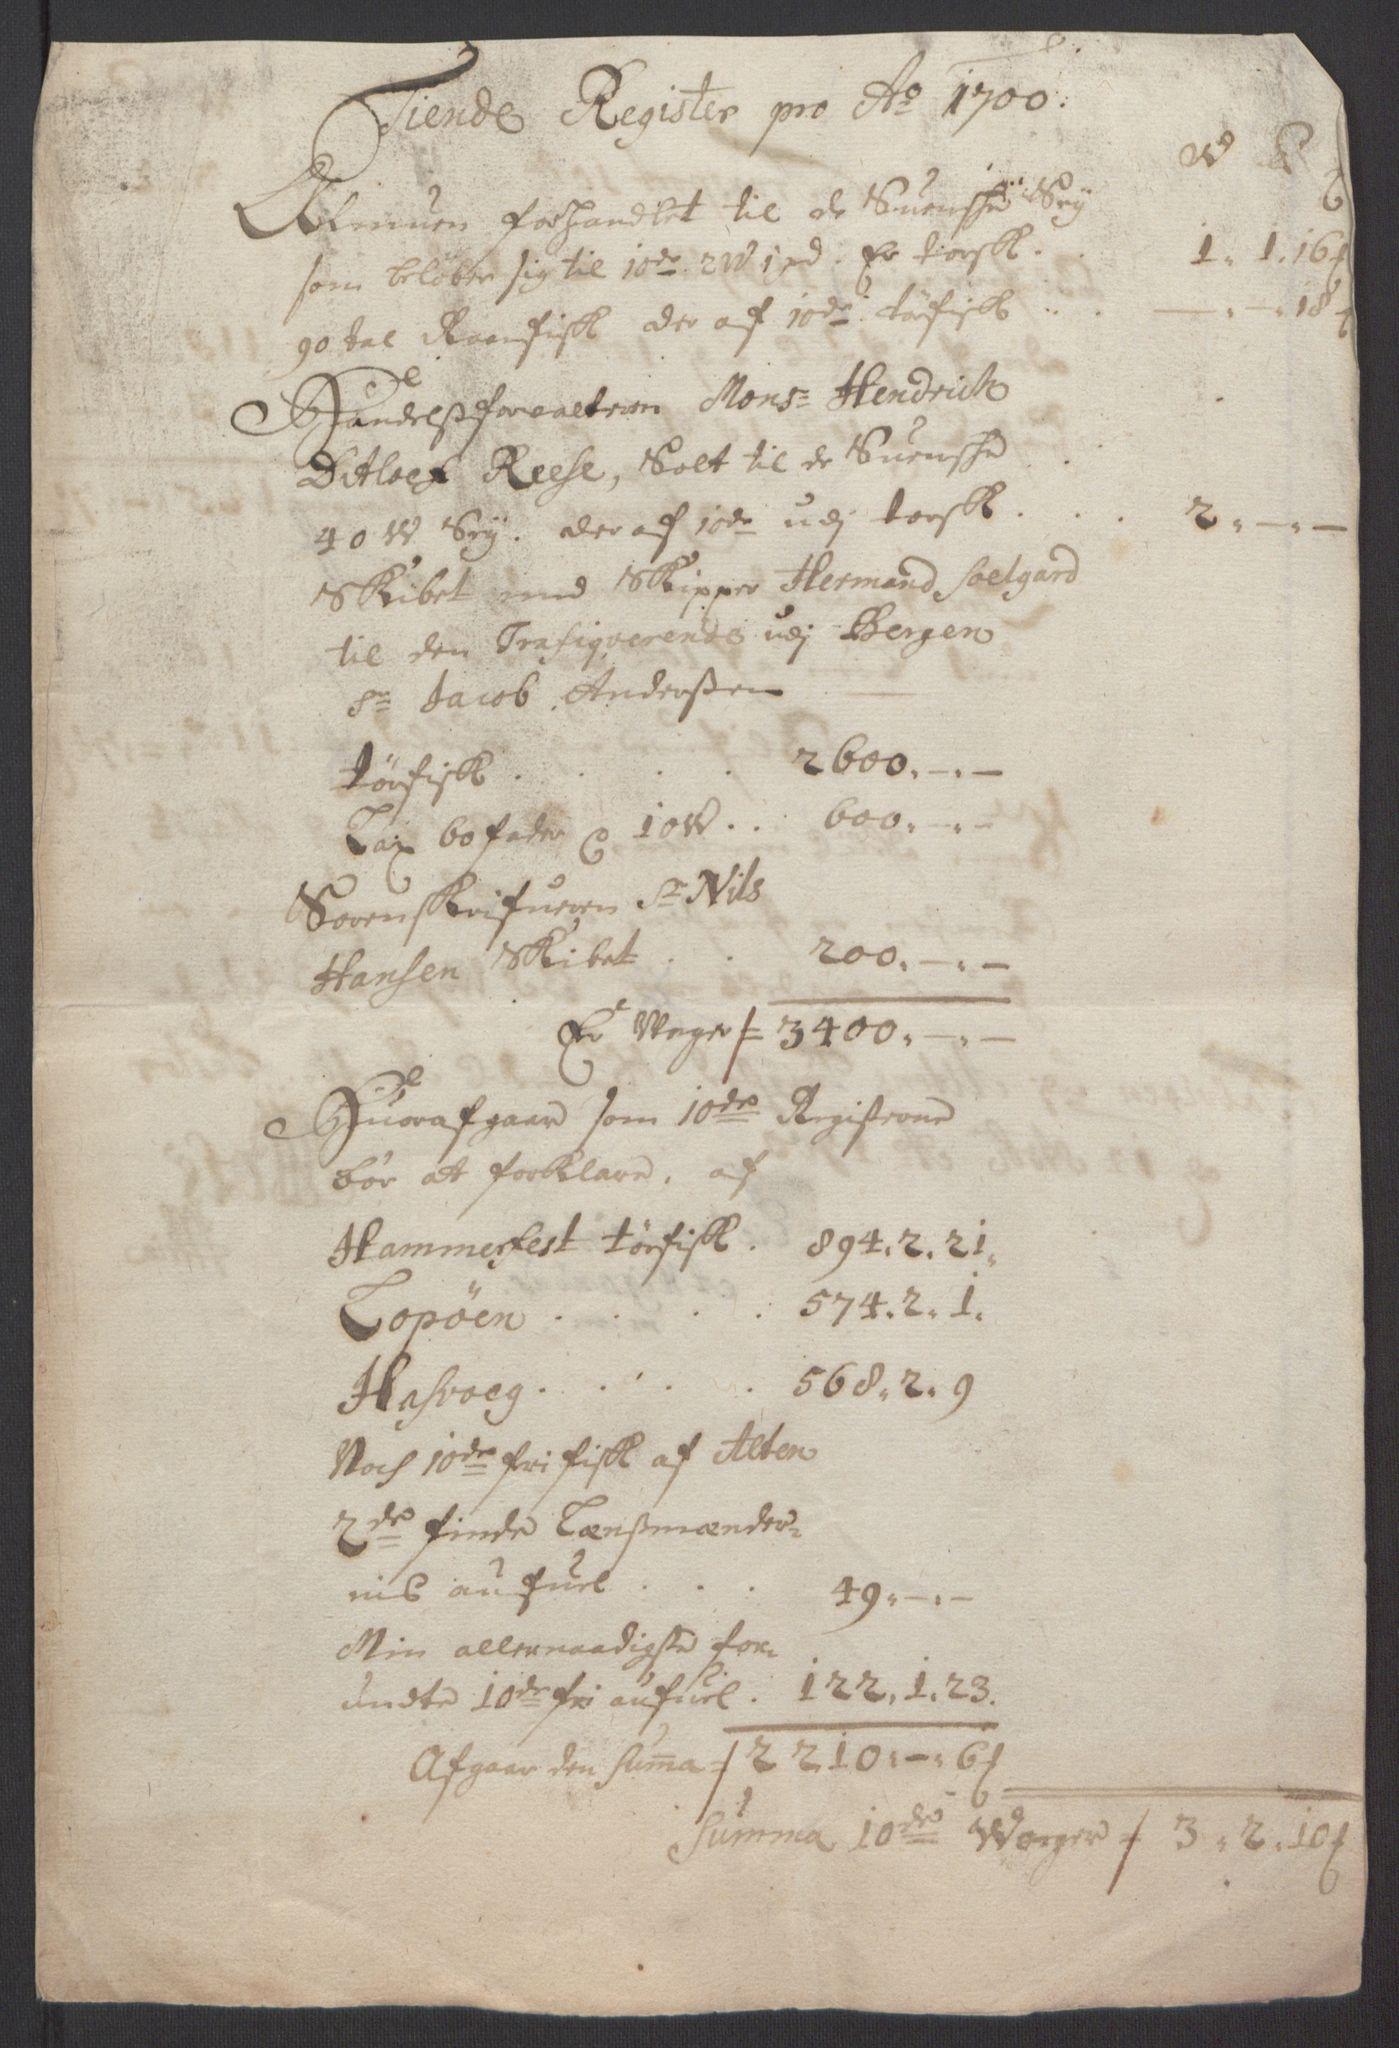 RA, Rentekammeret inntil 1814, Reviderte regnskaper, Fogderegnskap, R69/L4851: Fogderegnskap Finnmark/Vardøhus, 1691-1700, s. 448